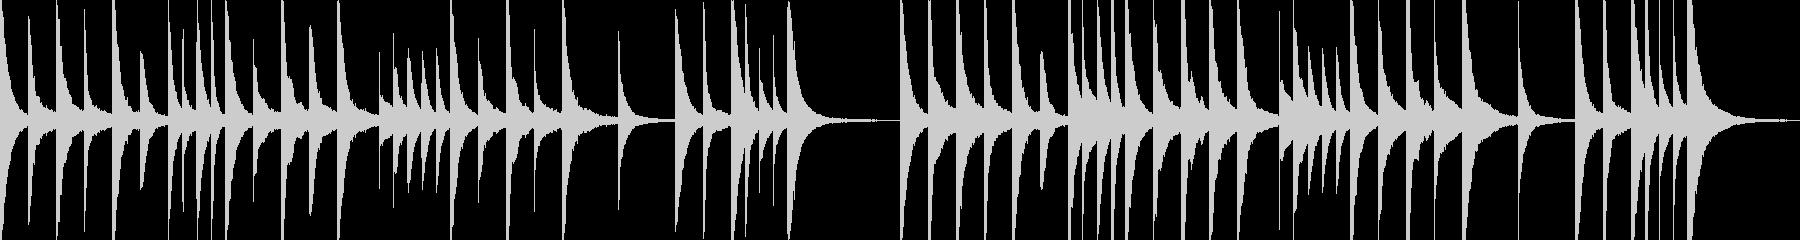 悲しい幻想的オルゴール ゲームオーバーの未再生の波形